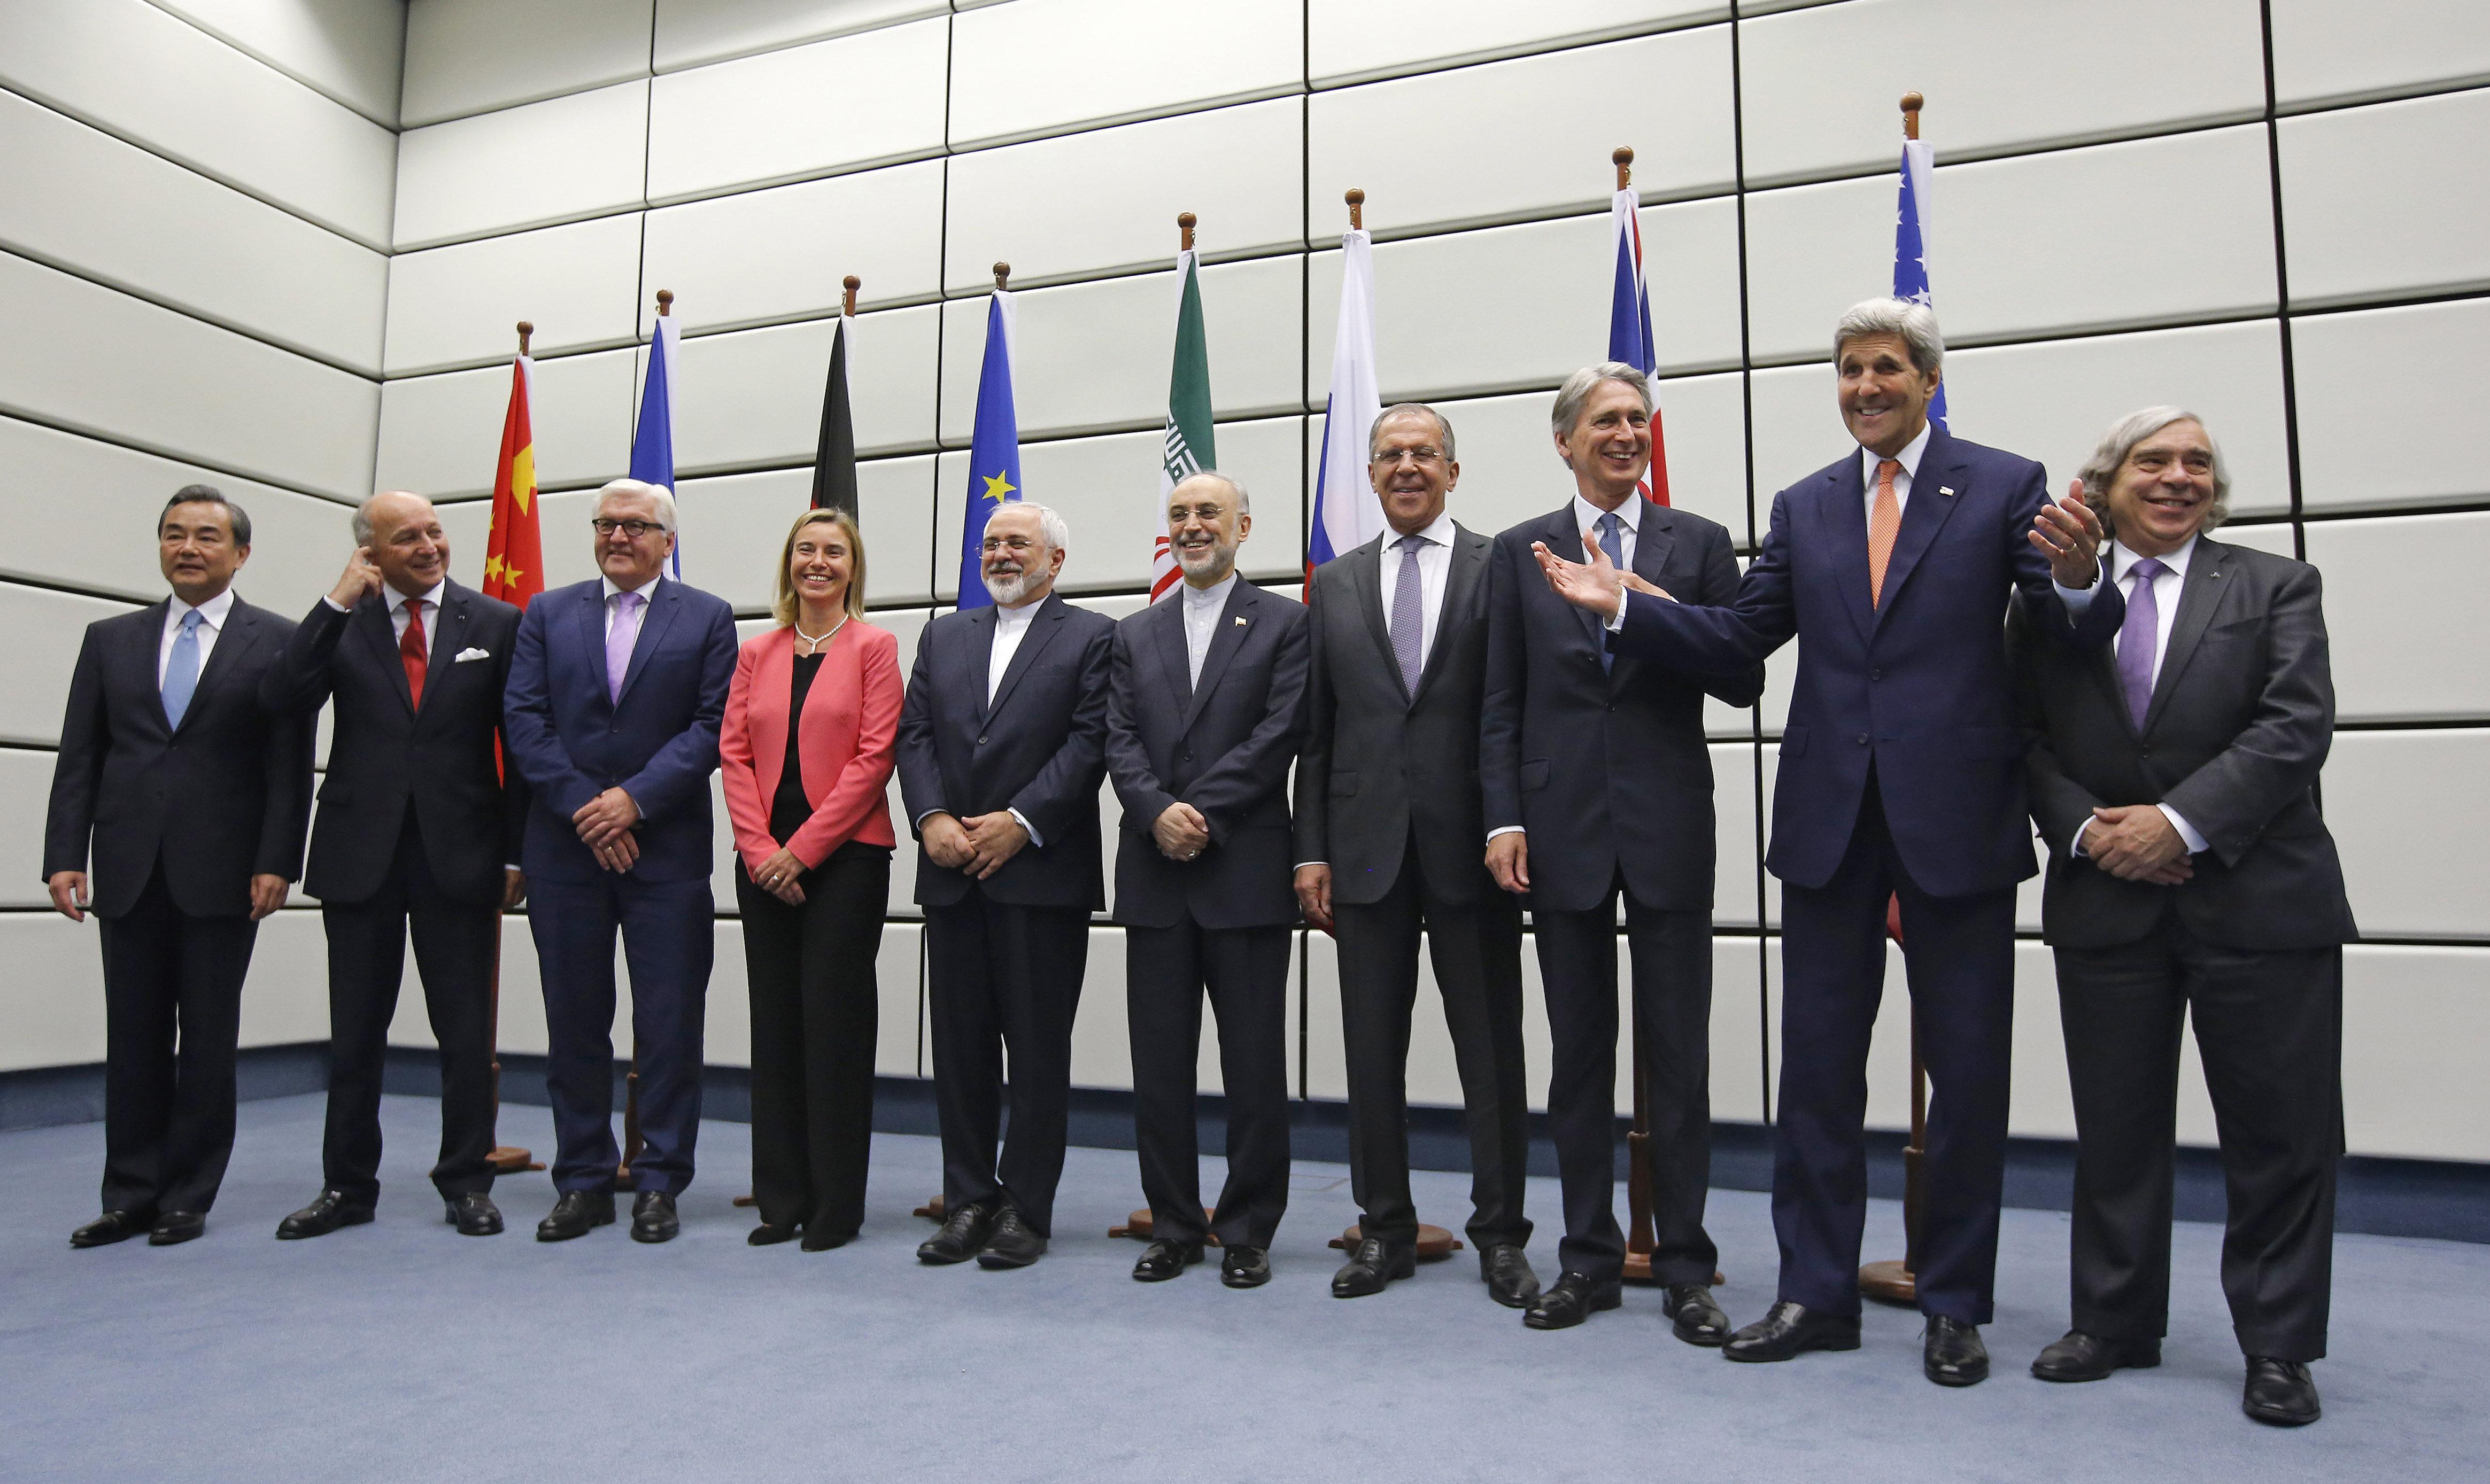 El Plan Integral de Acción Conjunta fue firmado en Viena el 14 de julio de 2015 entre Irán y el Grupo 5+1, compuesto por los cinco miembros permanentes del Consejo de Seguridad de la ONU—China, Francia, Rusia, Reino Unido, Estados Unidos— más Alemania.